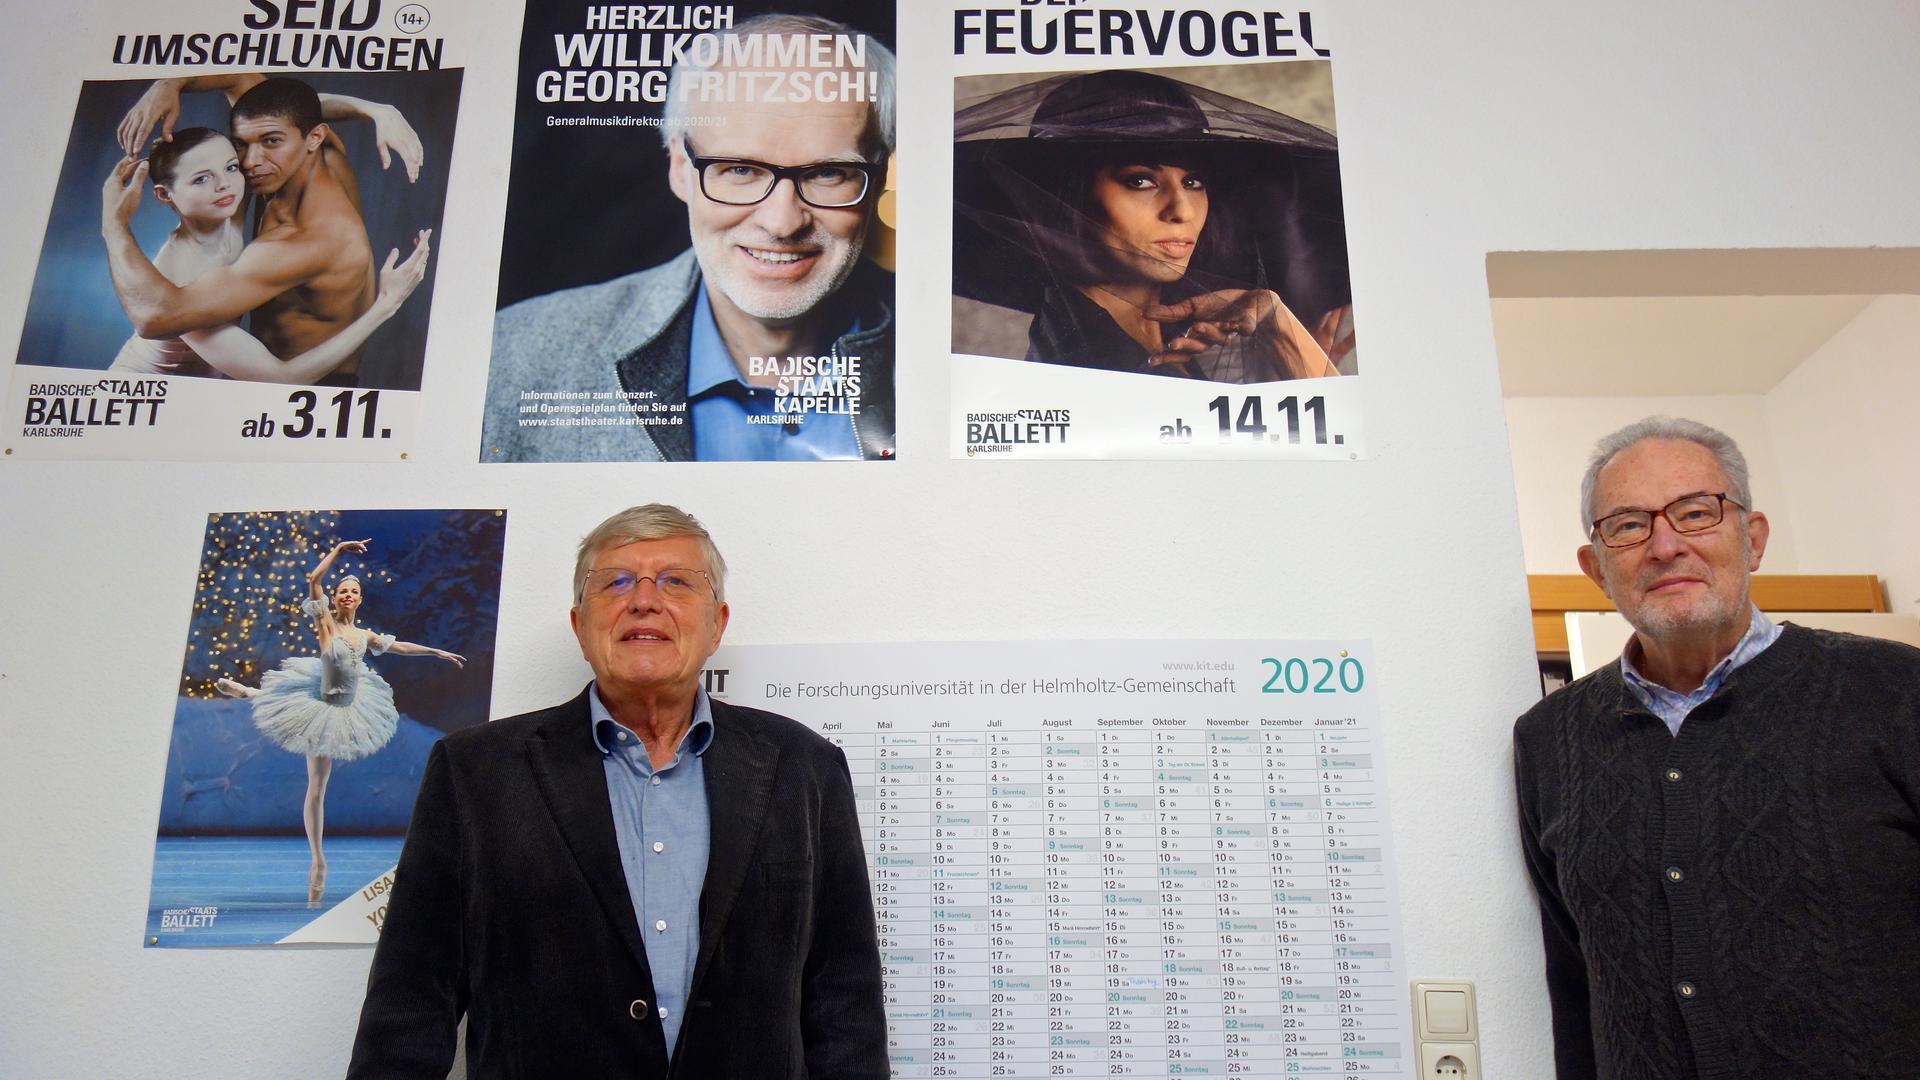 ernd Axnick und Reinhard Rössler, Vorsitzende der Volksbühne Karlsruhe e.V., im Dezember 2020 Büro der Volksbühne (Schillerstraße 23).